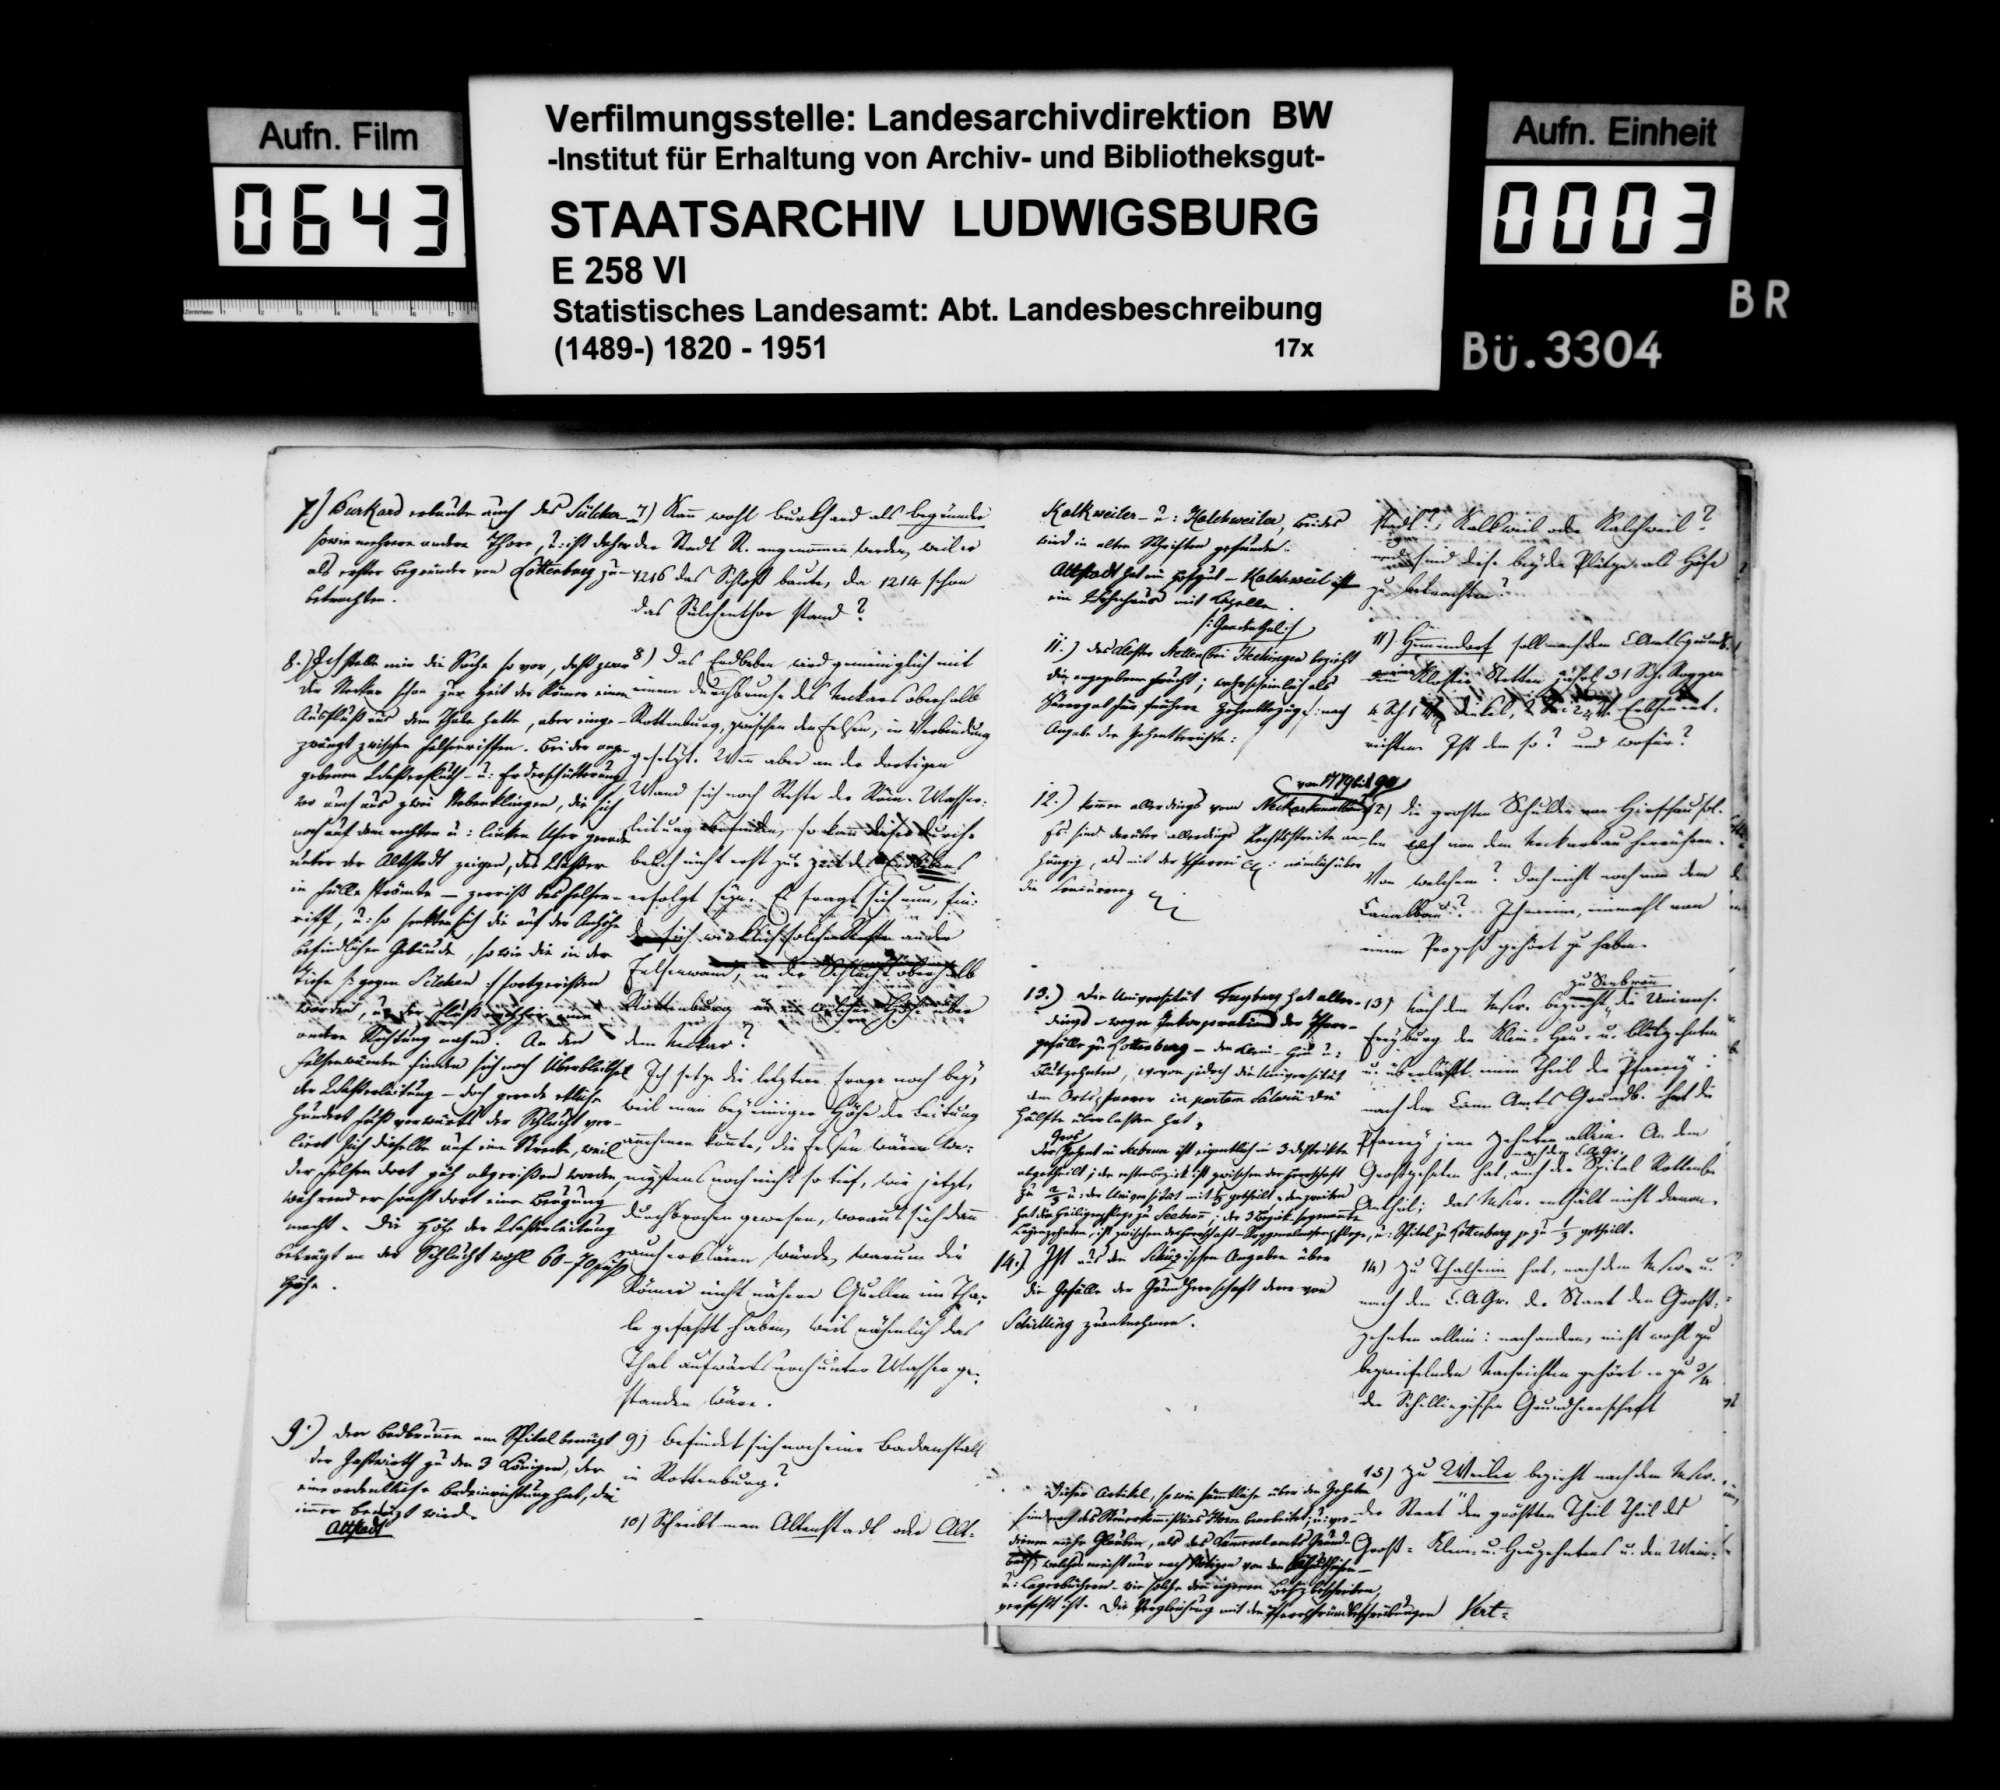 Anstände und Nachfragen des Professors Memminger, amtliche Auskünfte zum Manuskript der OAB, Bild 2